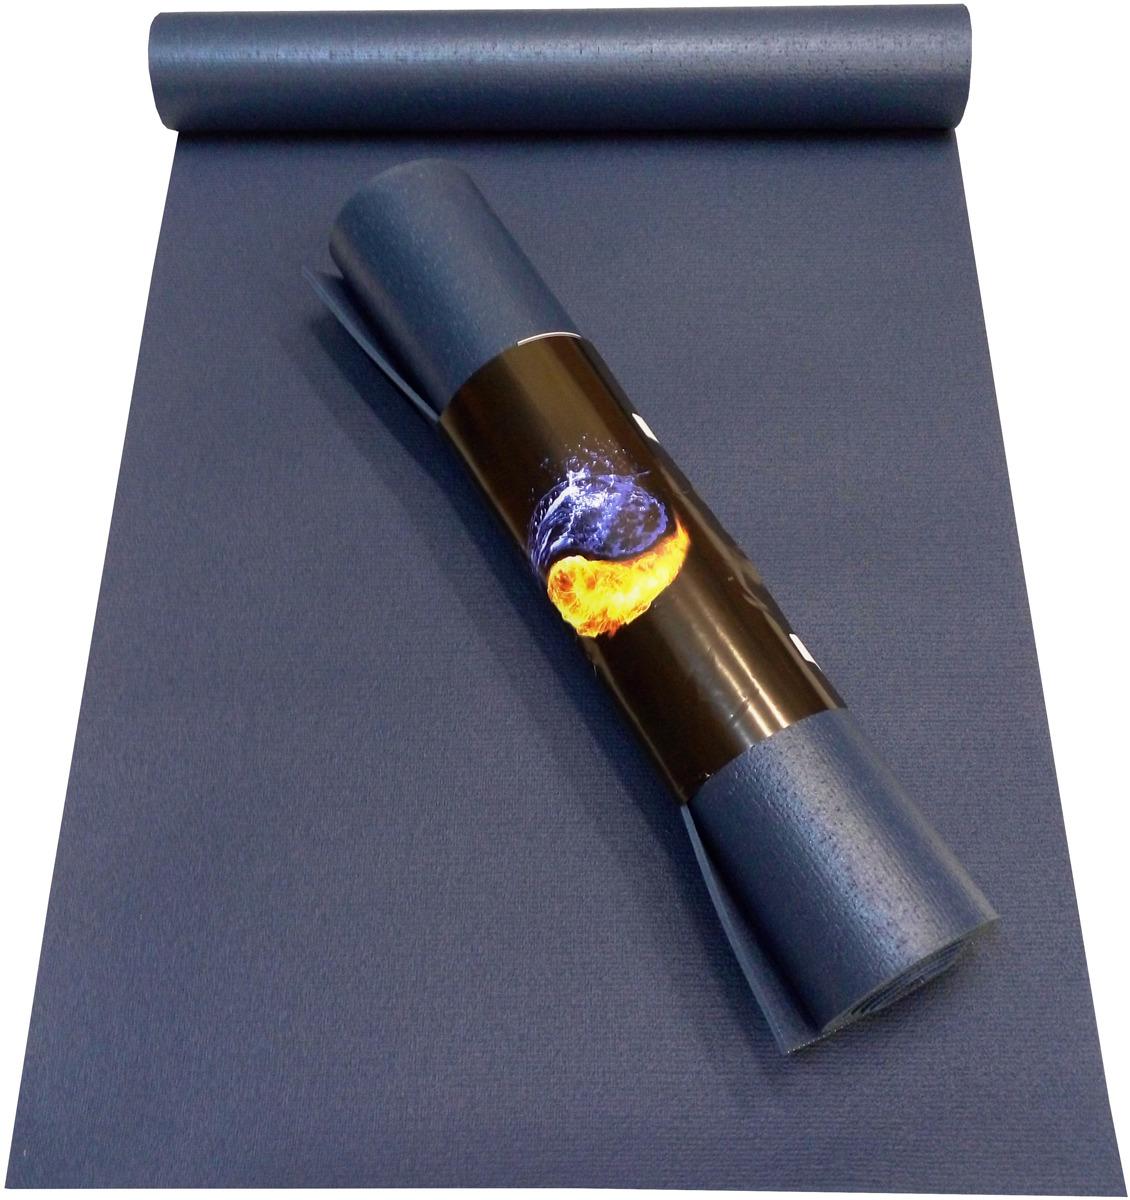 Коврик для йоги Ako-Yoga Yin-Yang Studio, цвет: синий, 200 х 80 см цена 2017